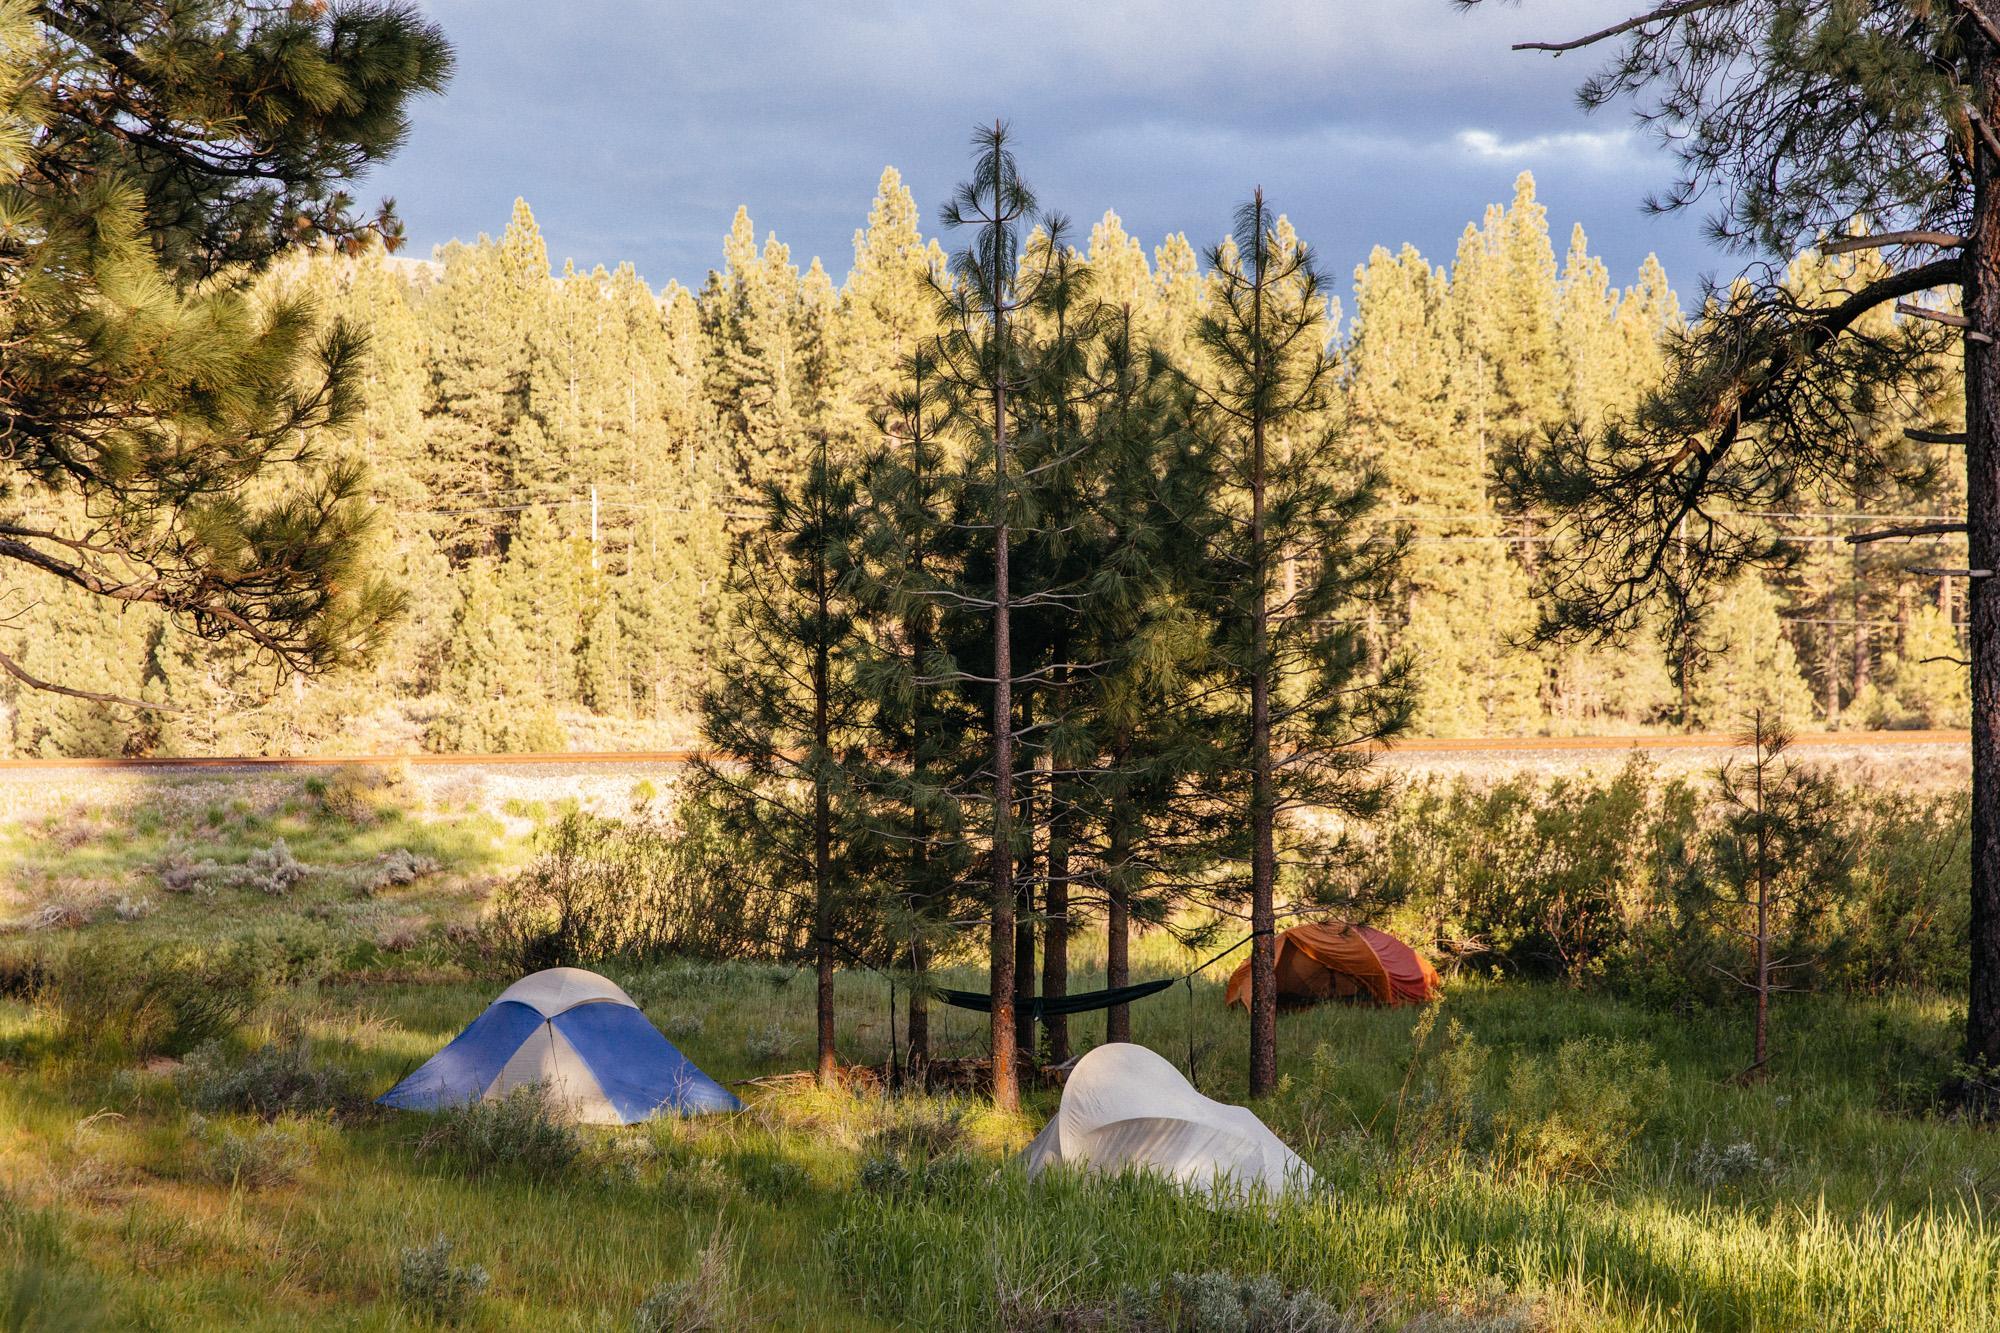 Camping hard.